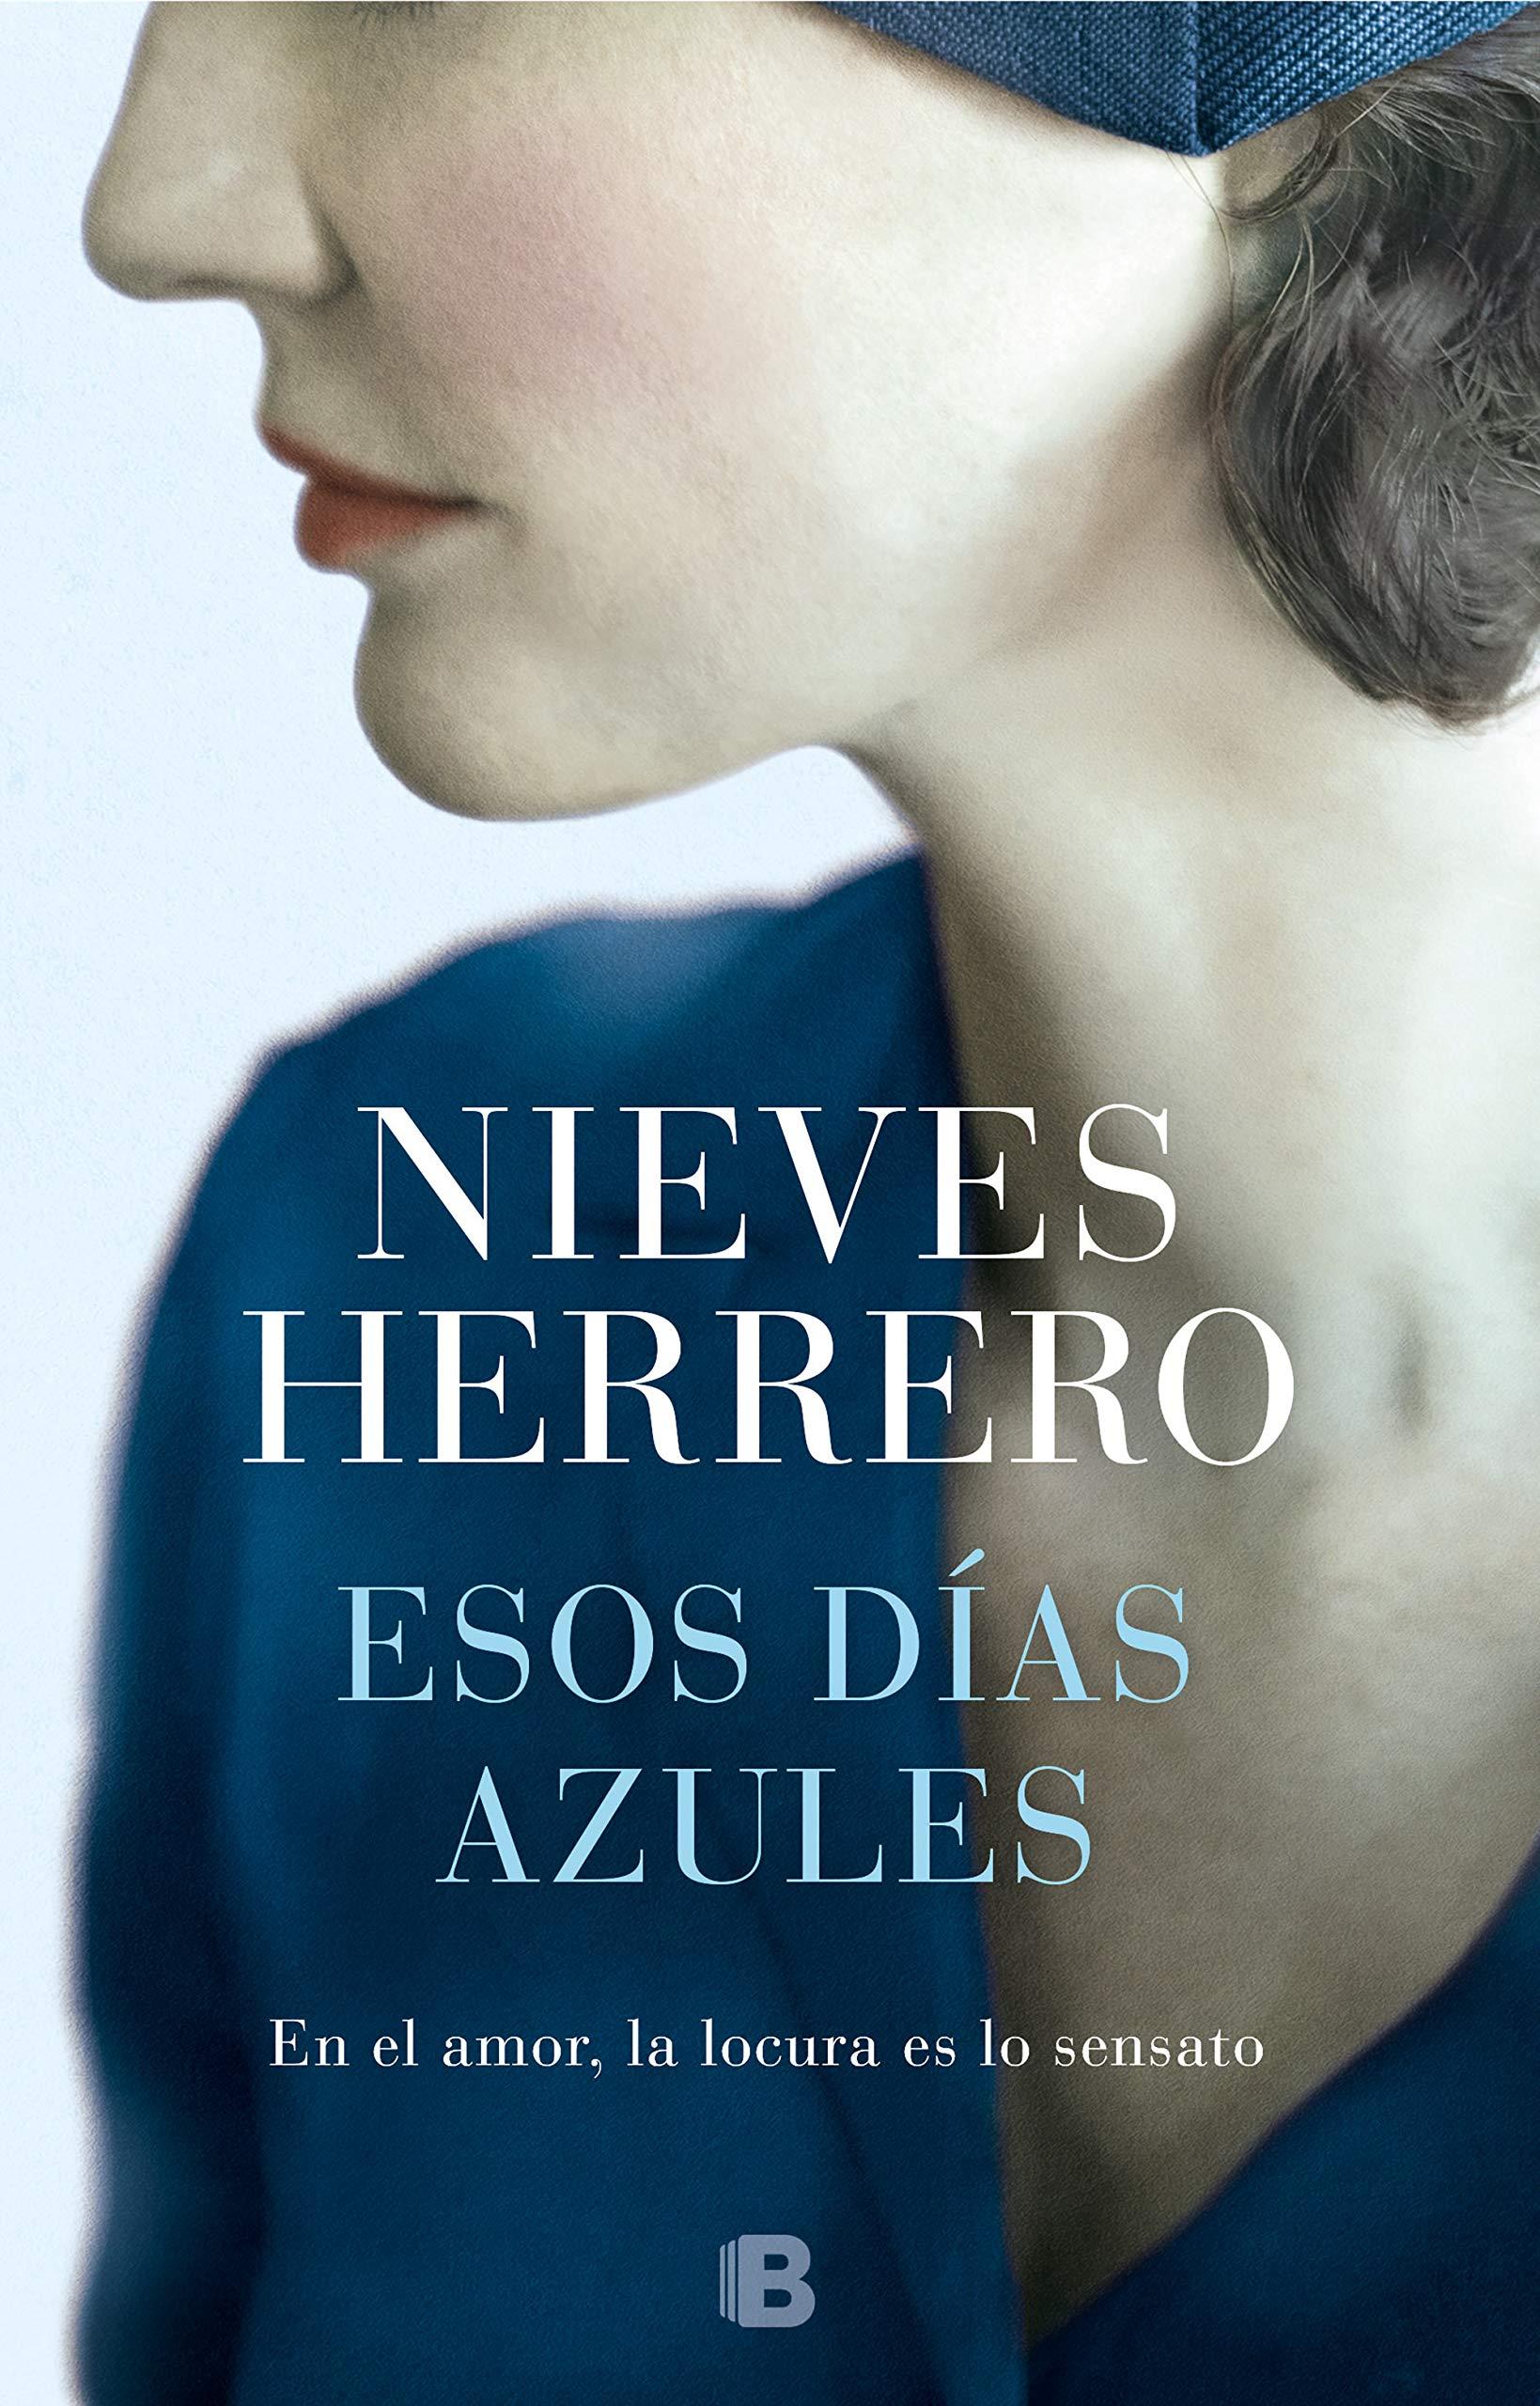 Esos días azules (Nieves Herrero, 2019)